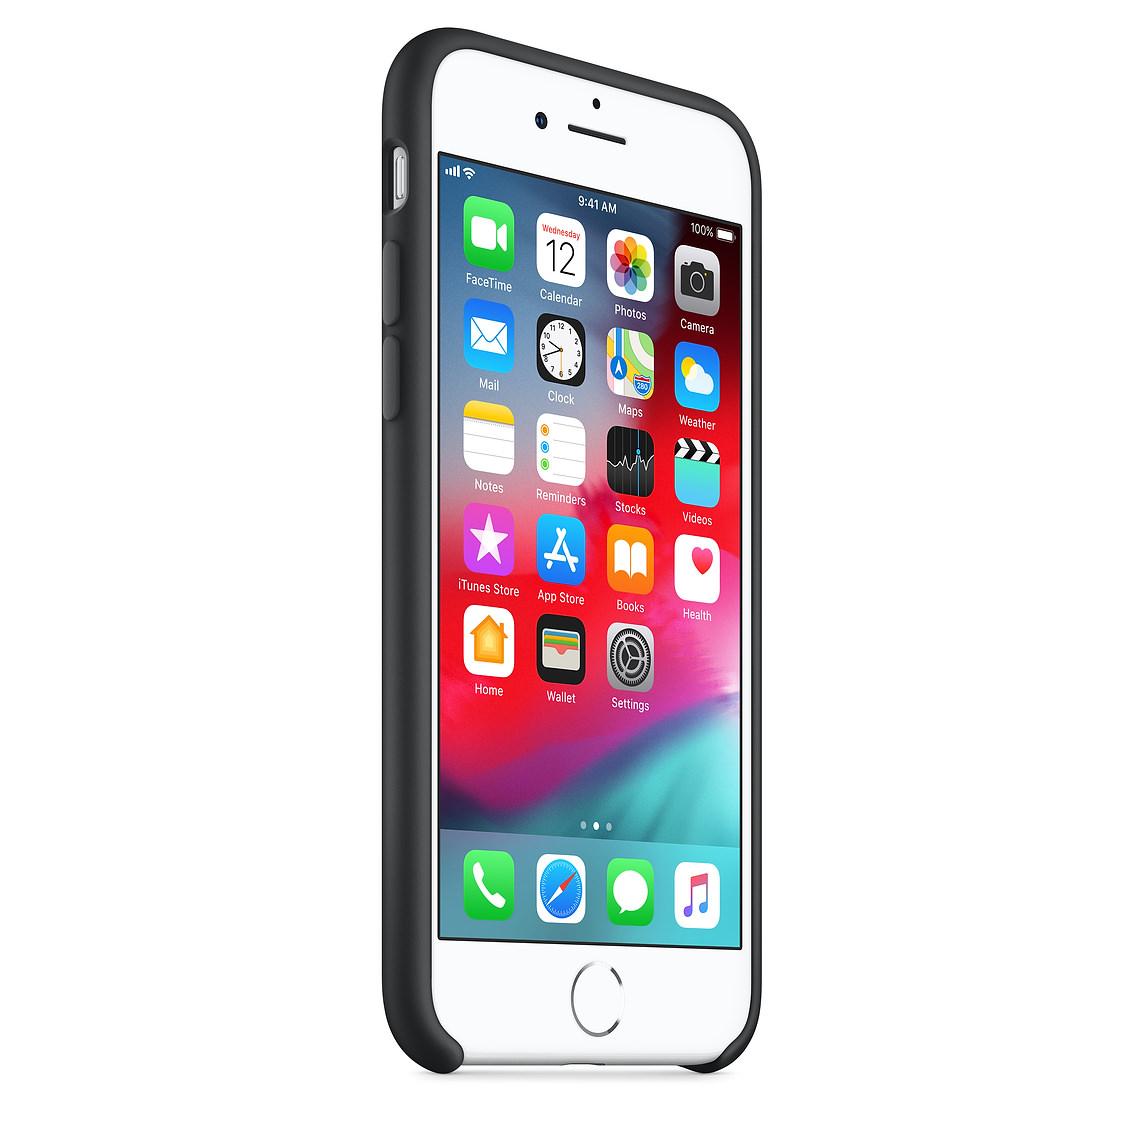 Apple silikónový obal pre iPhone 7 / 8 - čierny 2